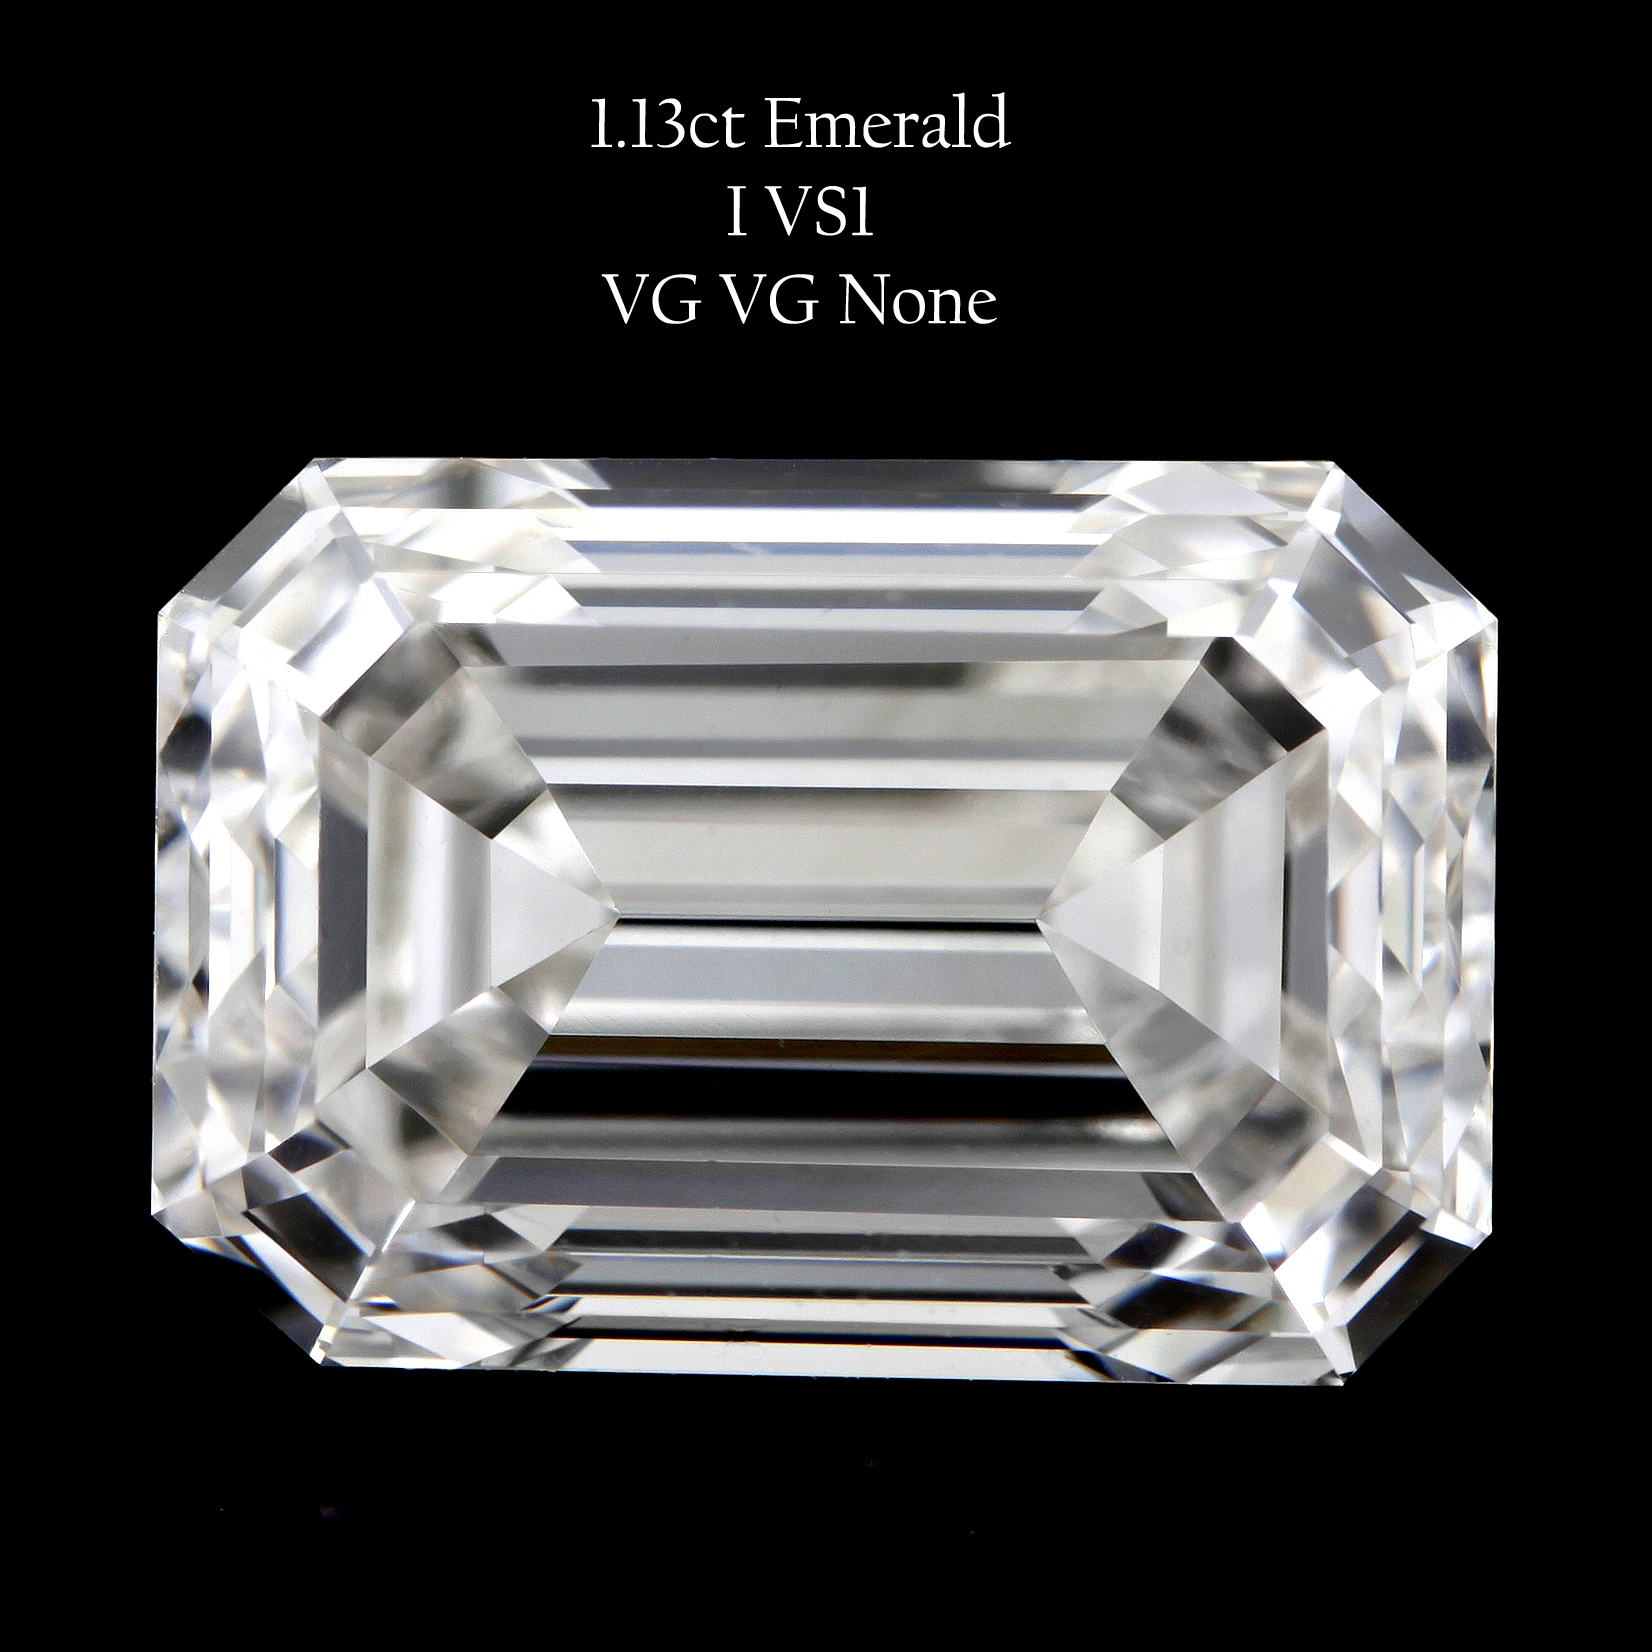 MID House of Diamonds